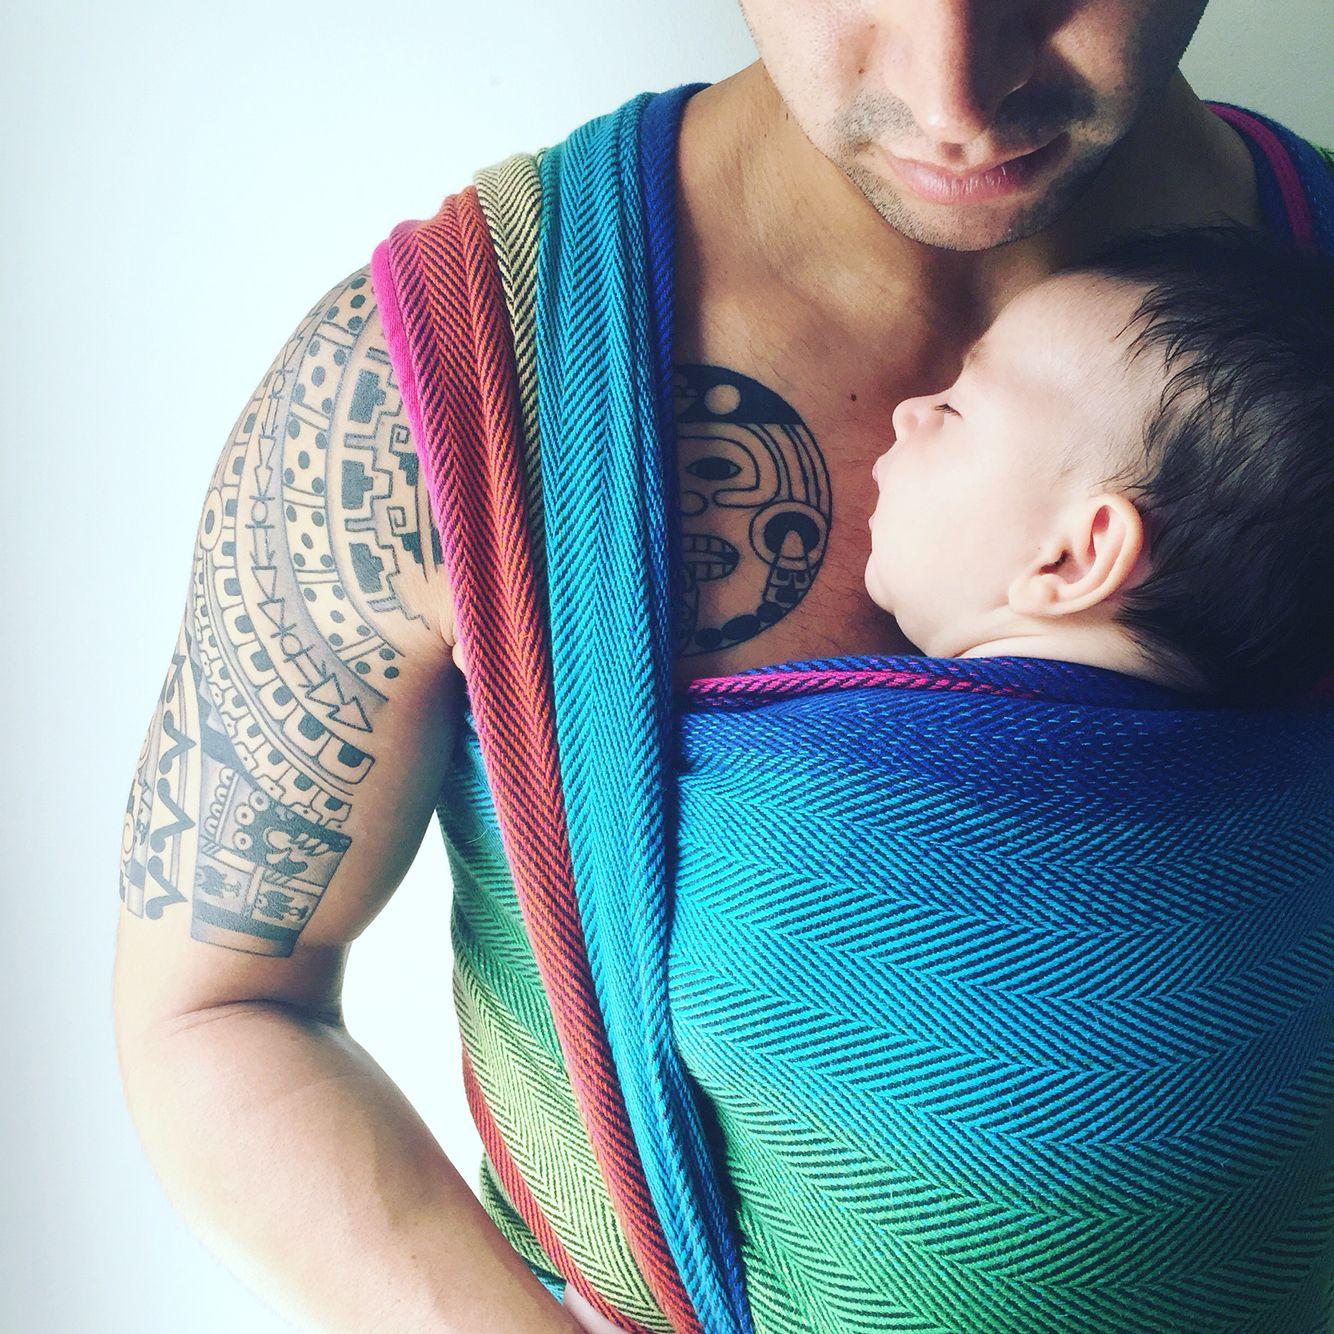 Babywearing Dad - skin to skin/kangaroo care - bonding with baby